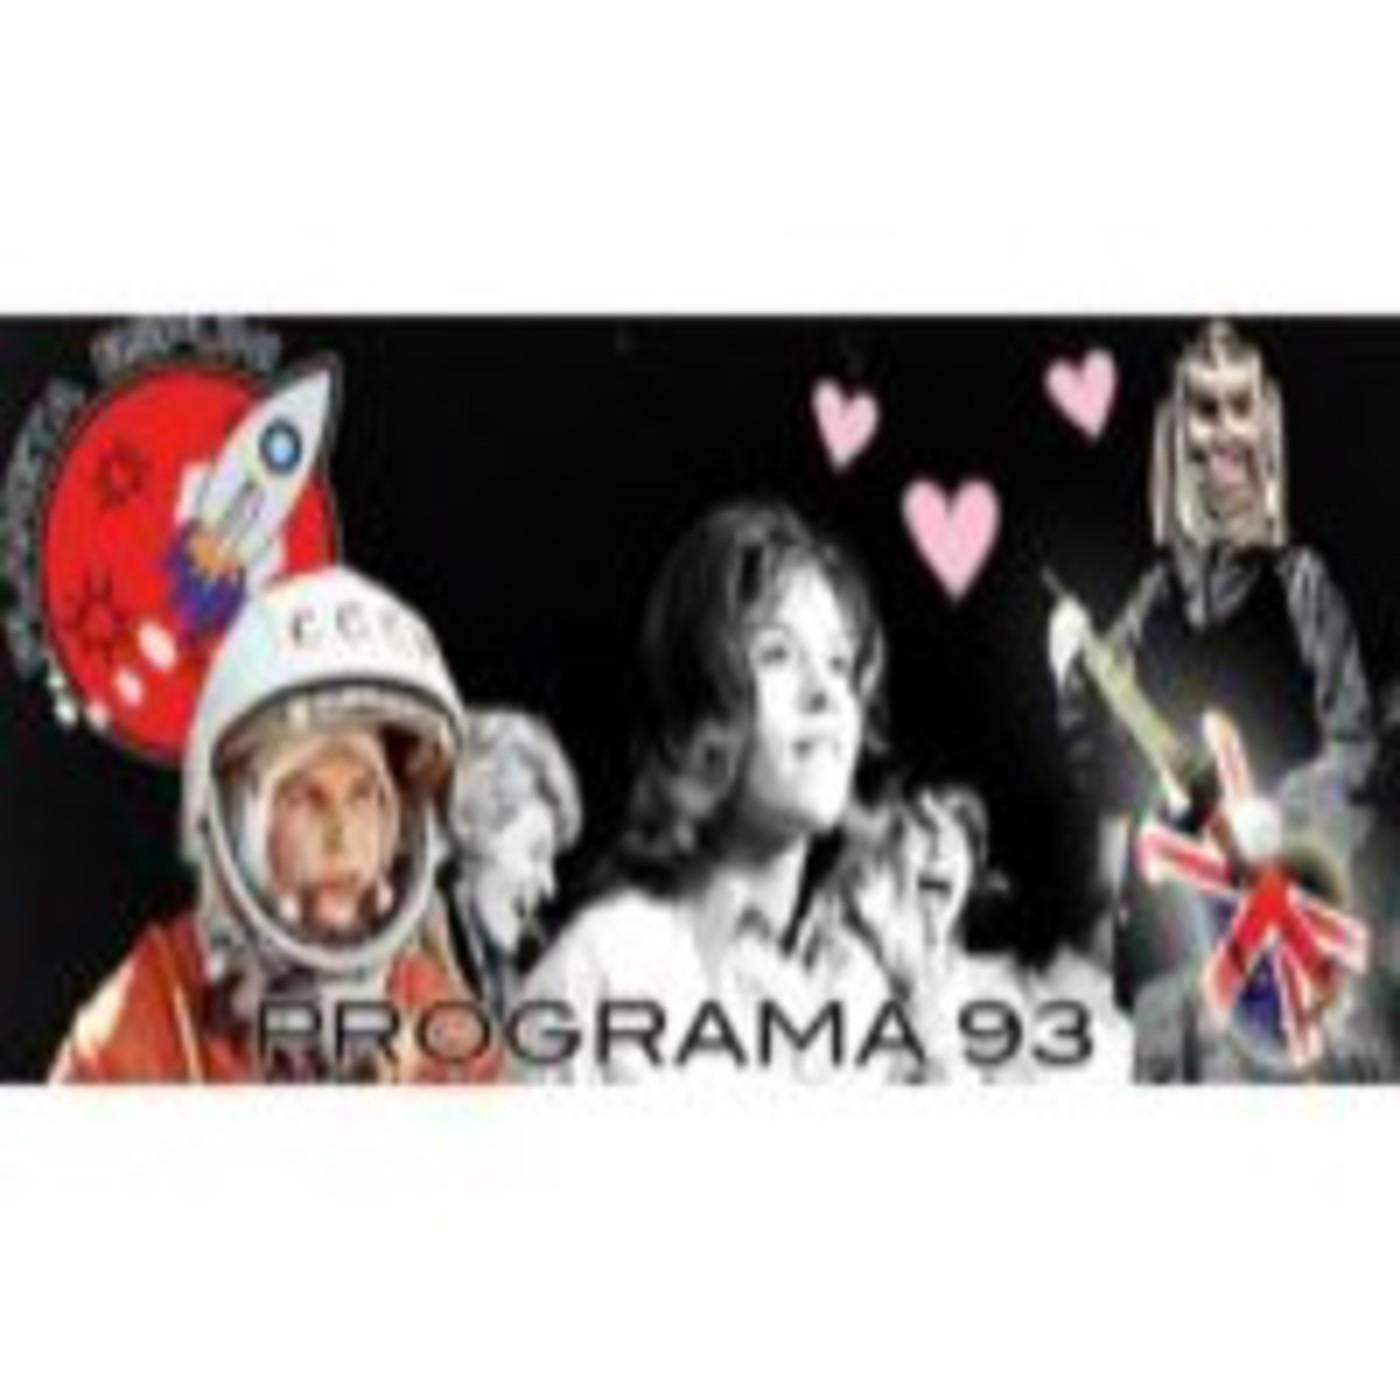 Programa 93 - Valentina Tereshkova: